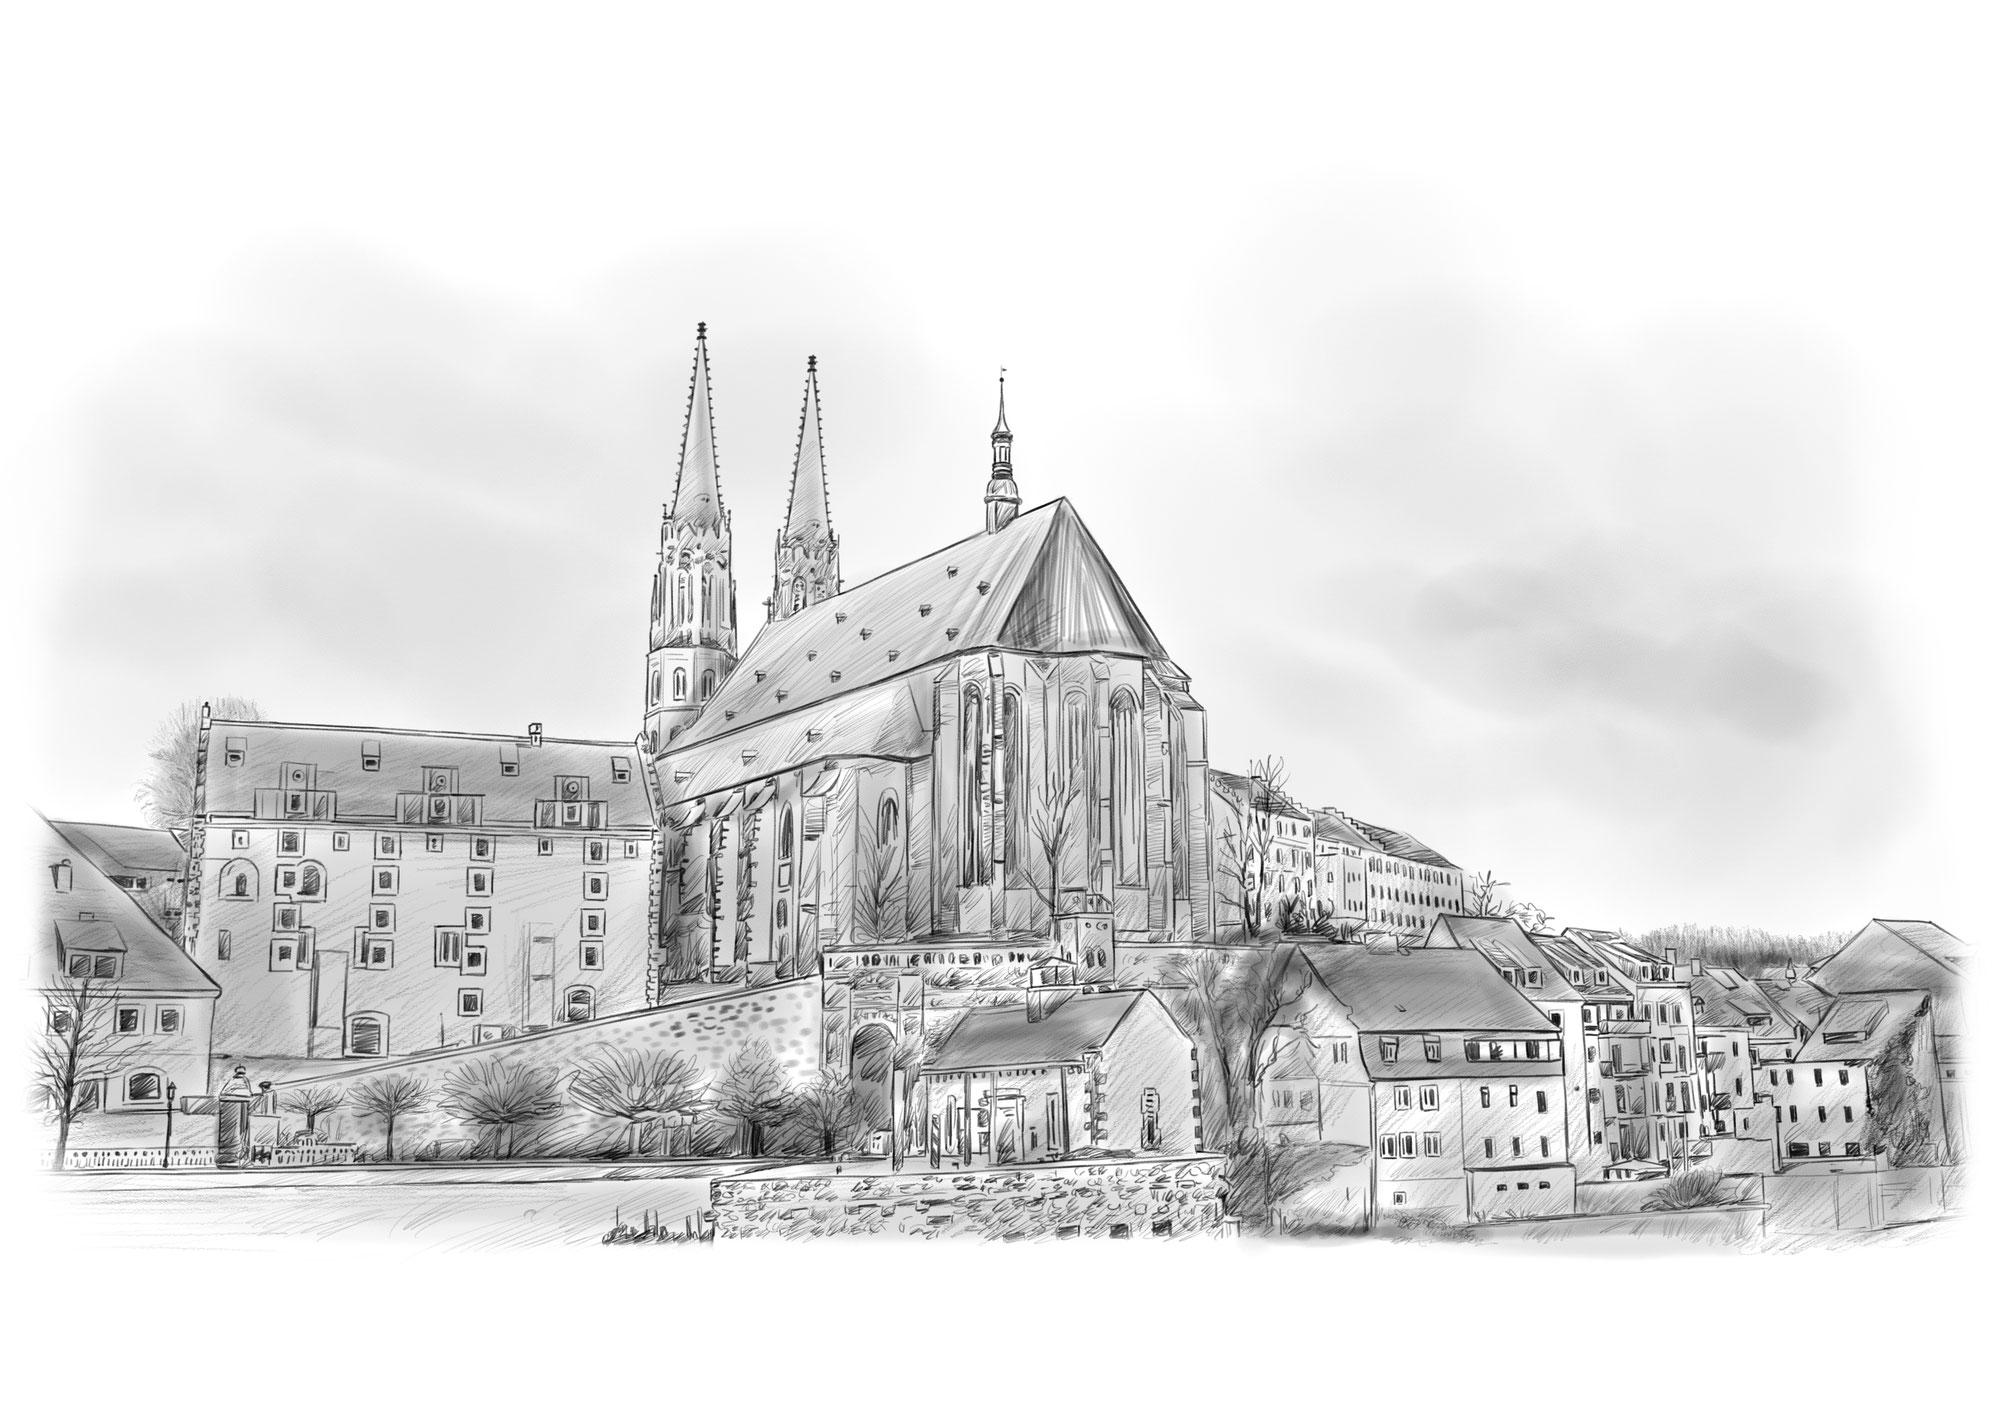 Bleistiftzeichnung Pirna, Zeichnung Ihrer Stadt  in Bleistift